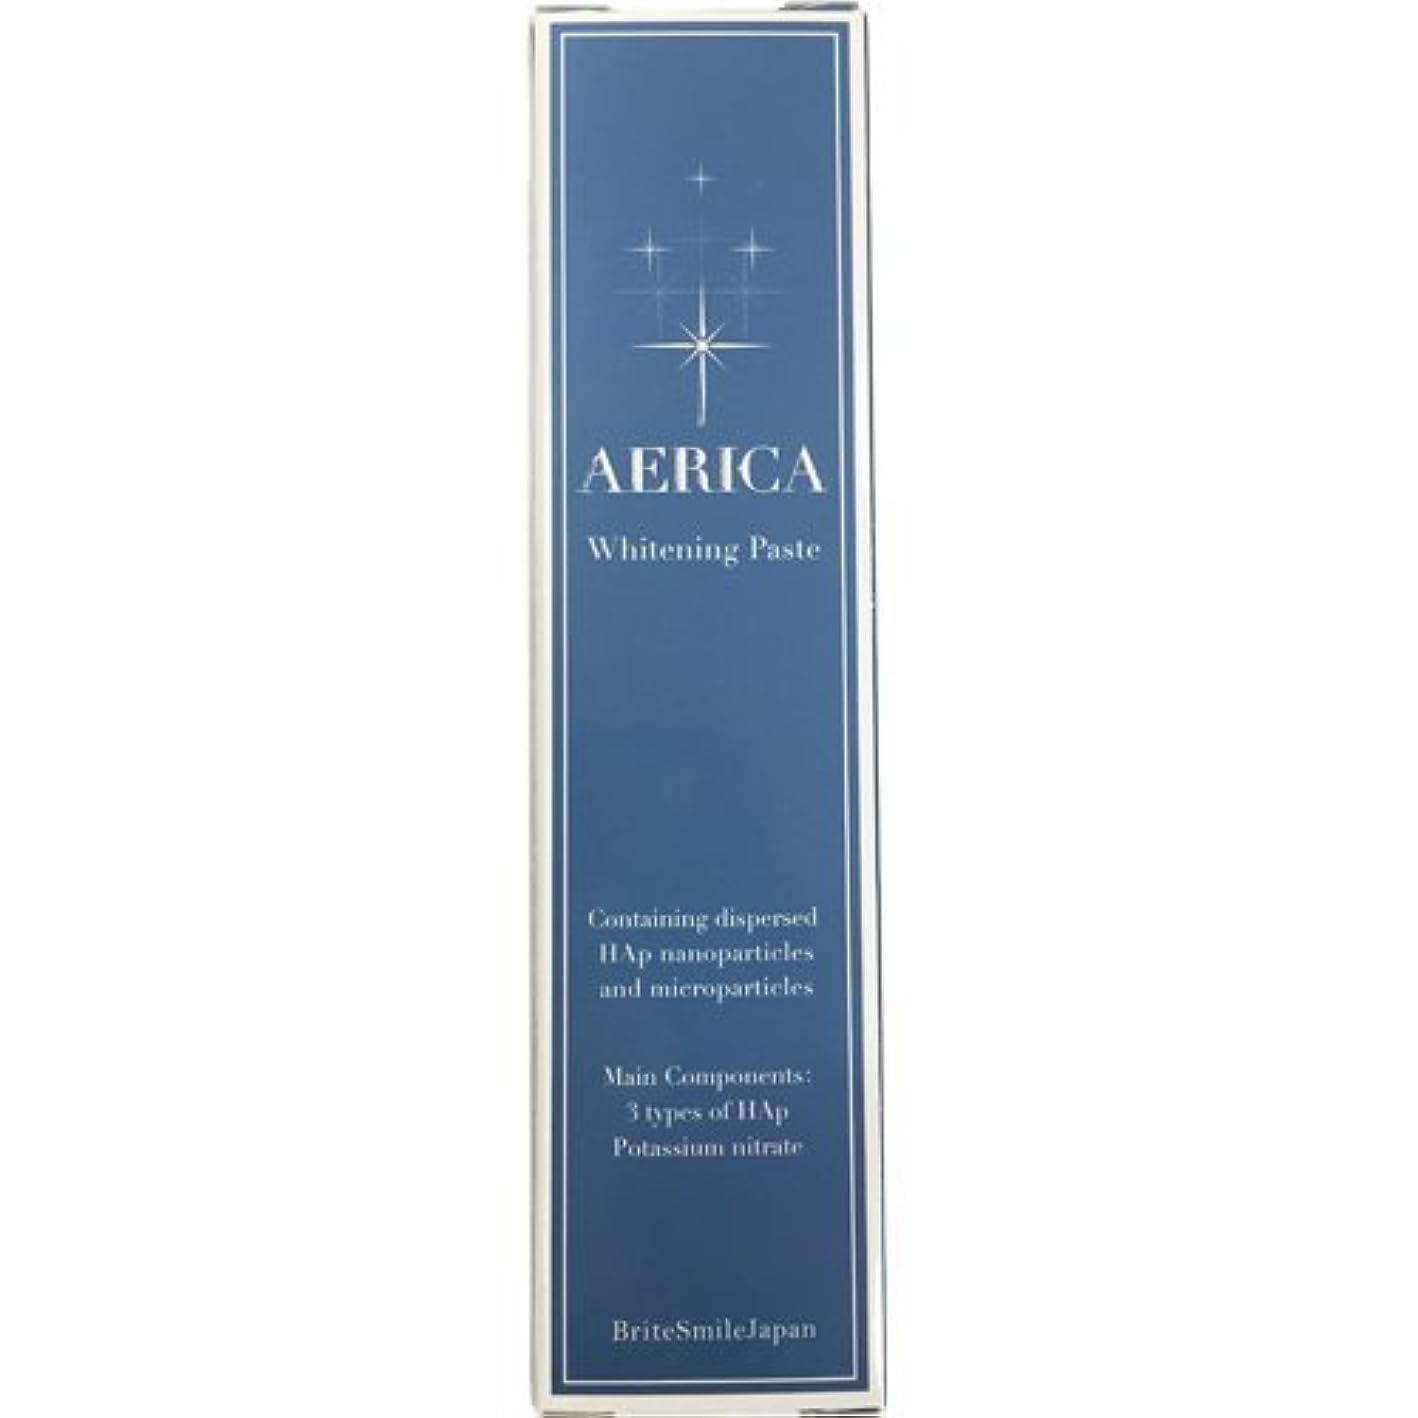 病な弾力性のある殺人AERICA(エリカ) ホワイトニングペースト 30g